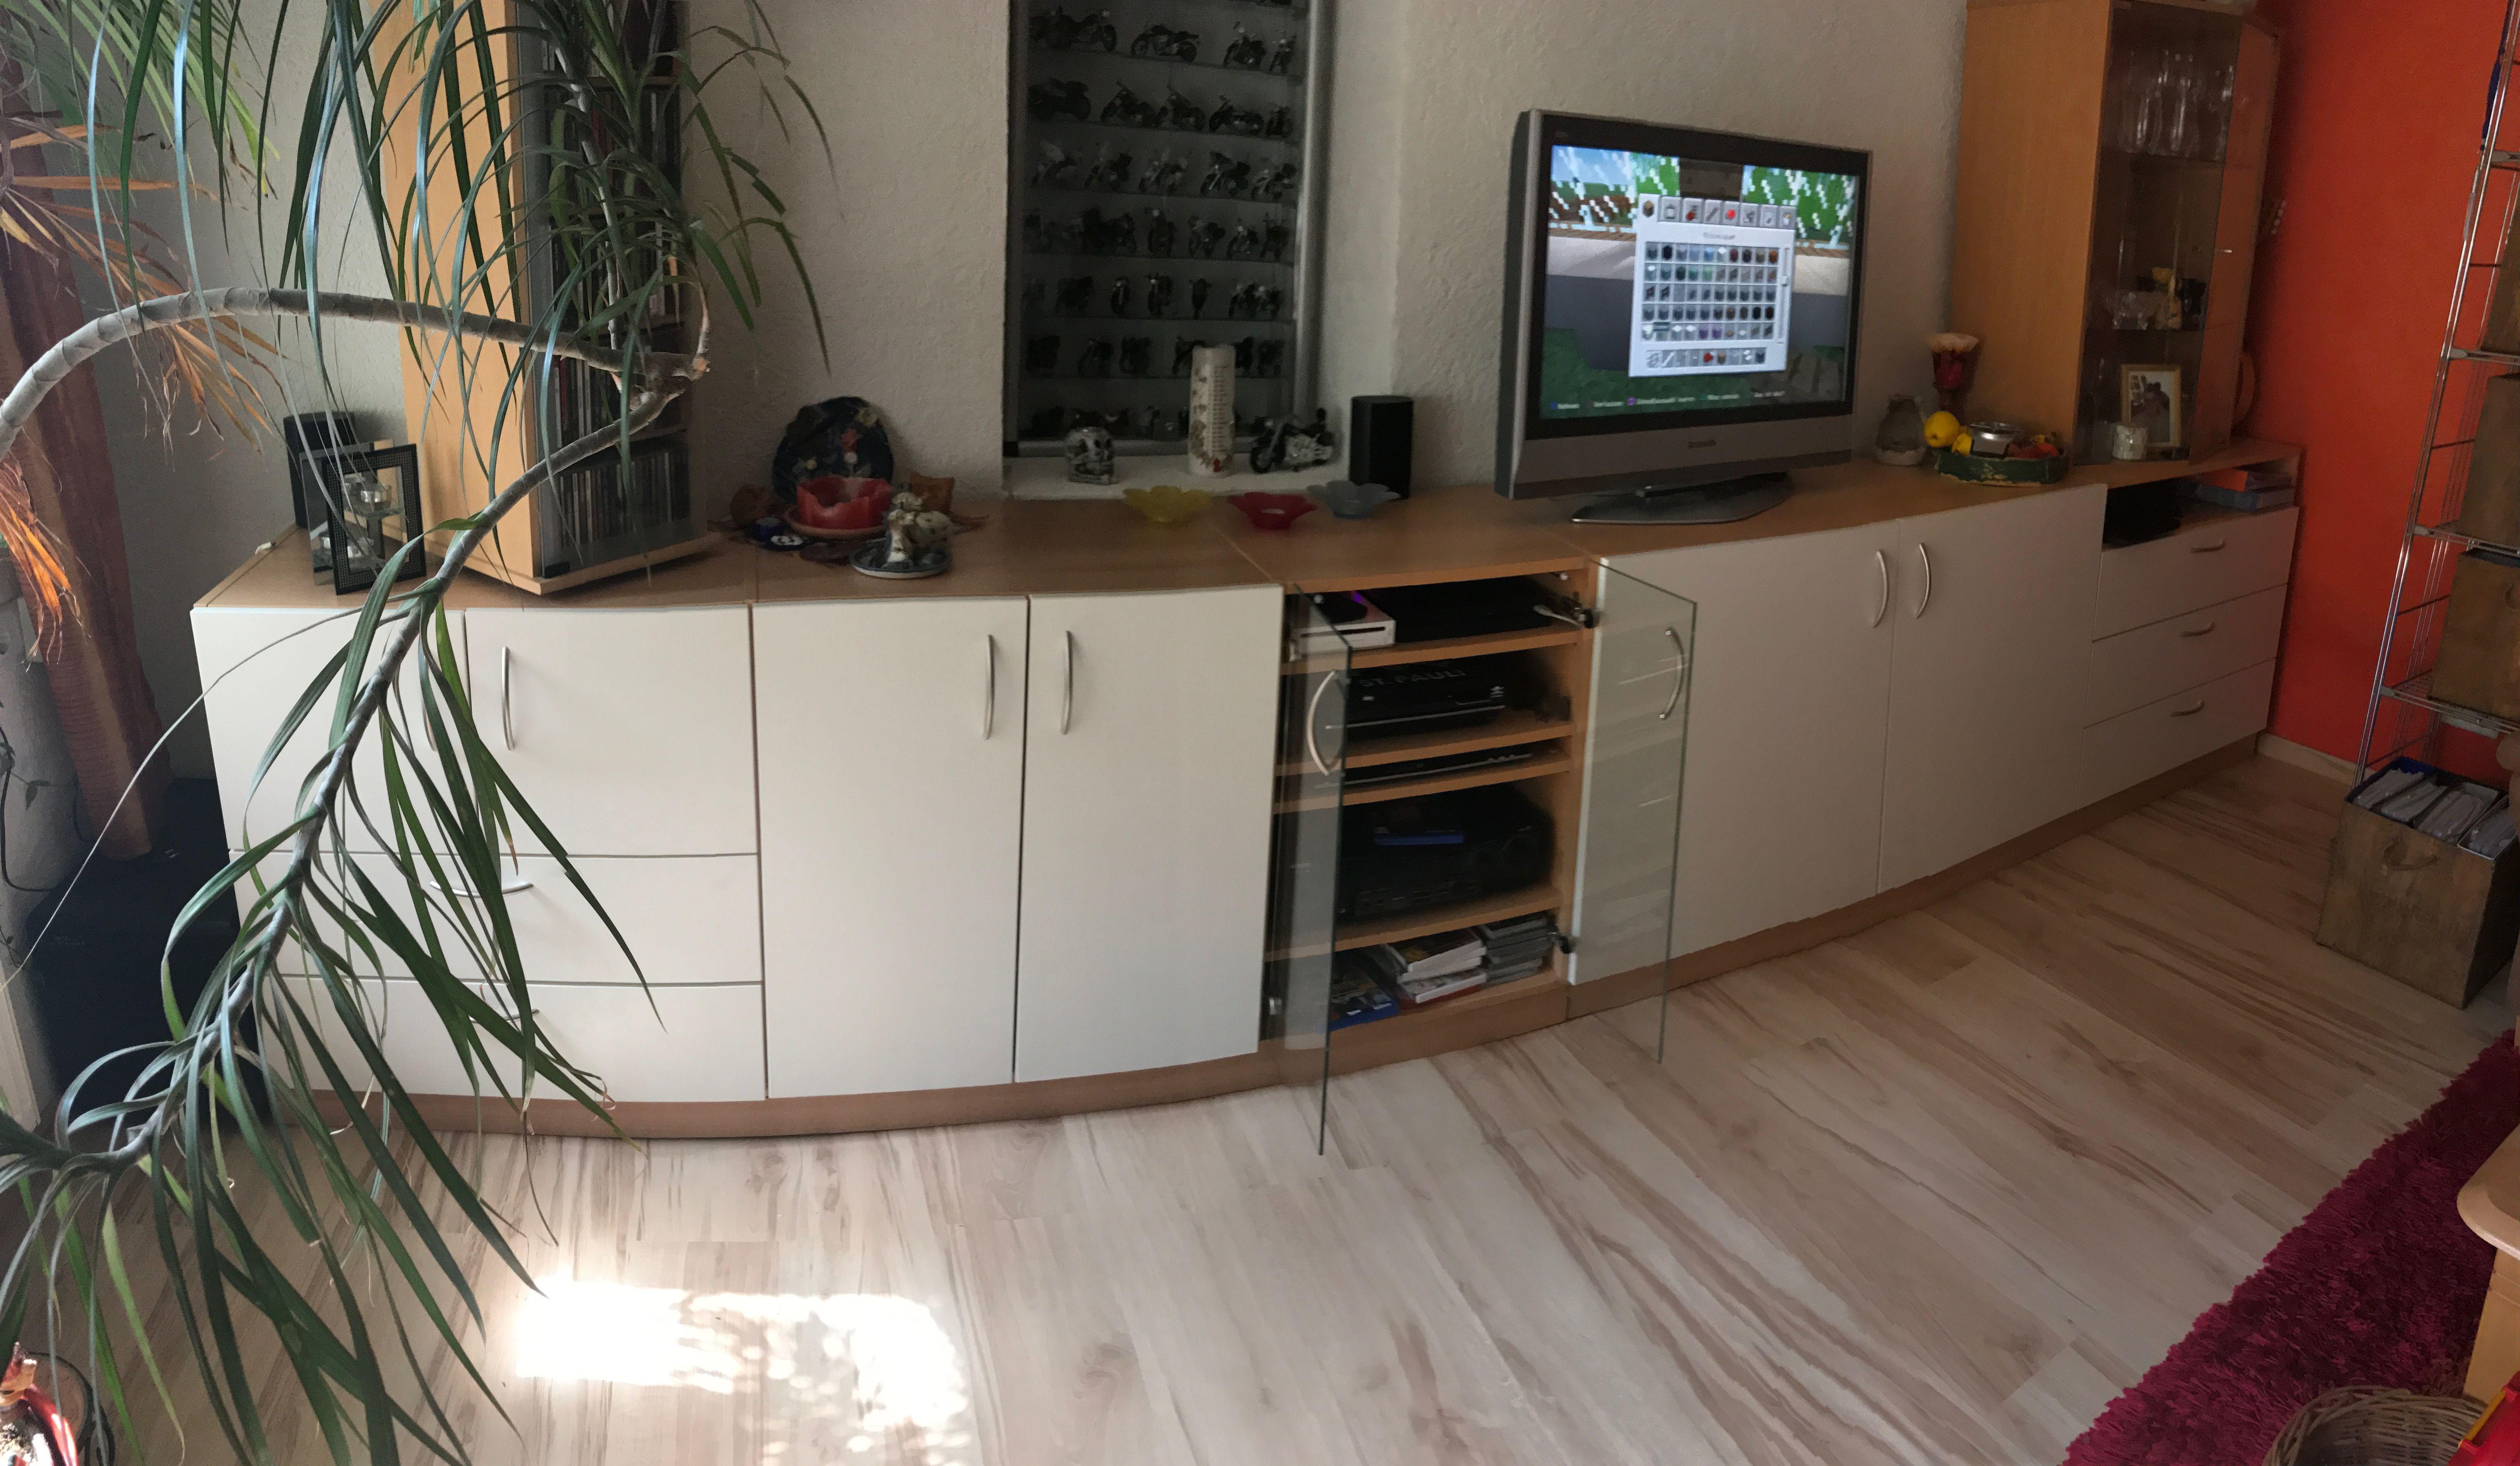 Wohnzimmer Buche ~ Sideboard im dekor buche weiß im wohnzimmer online geplant auf